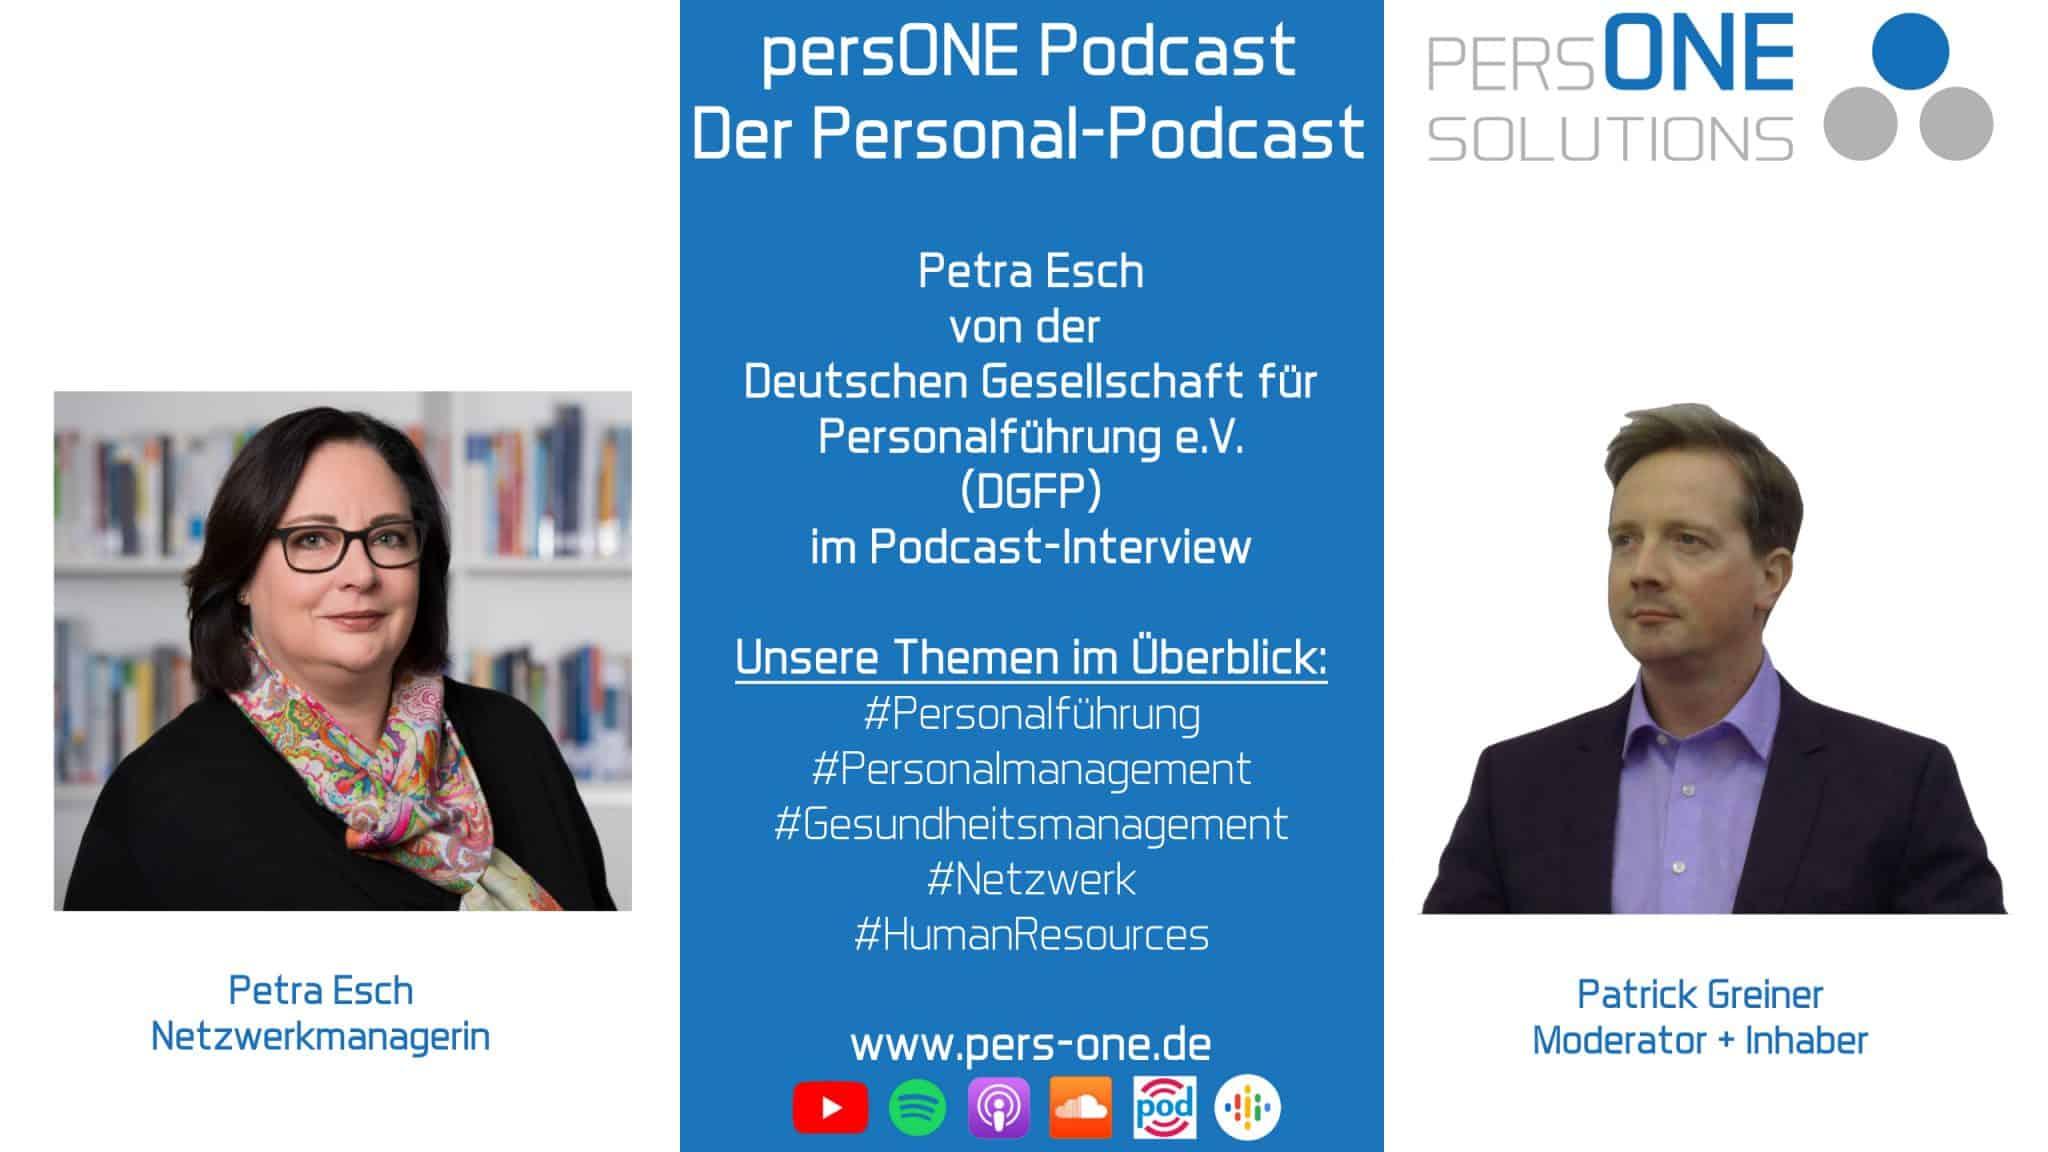 Petra Esch Deutsche Gesellschaft für Personalführung